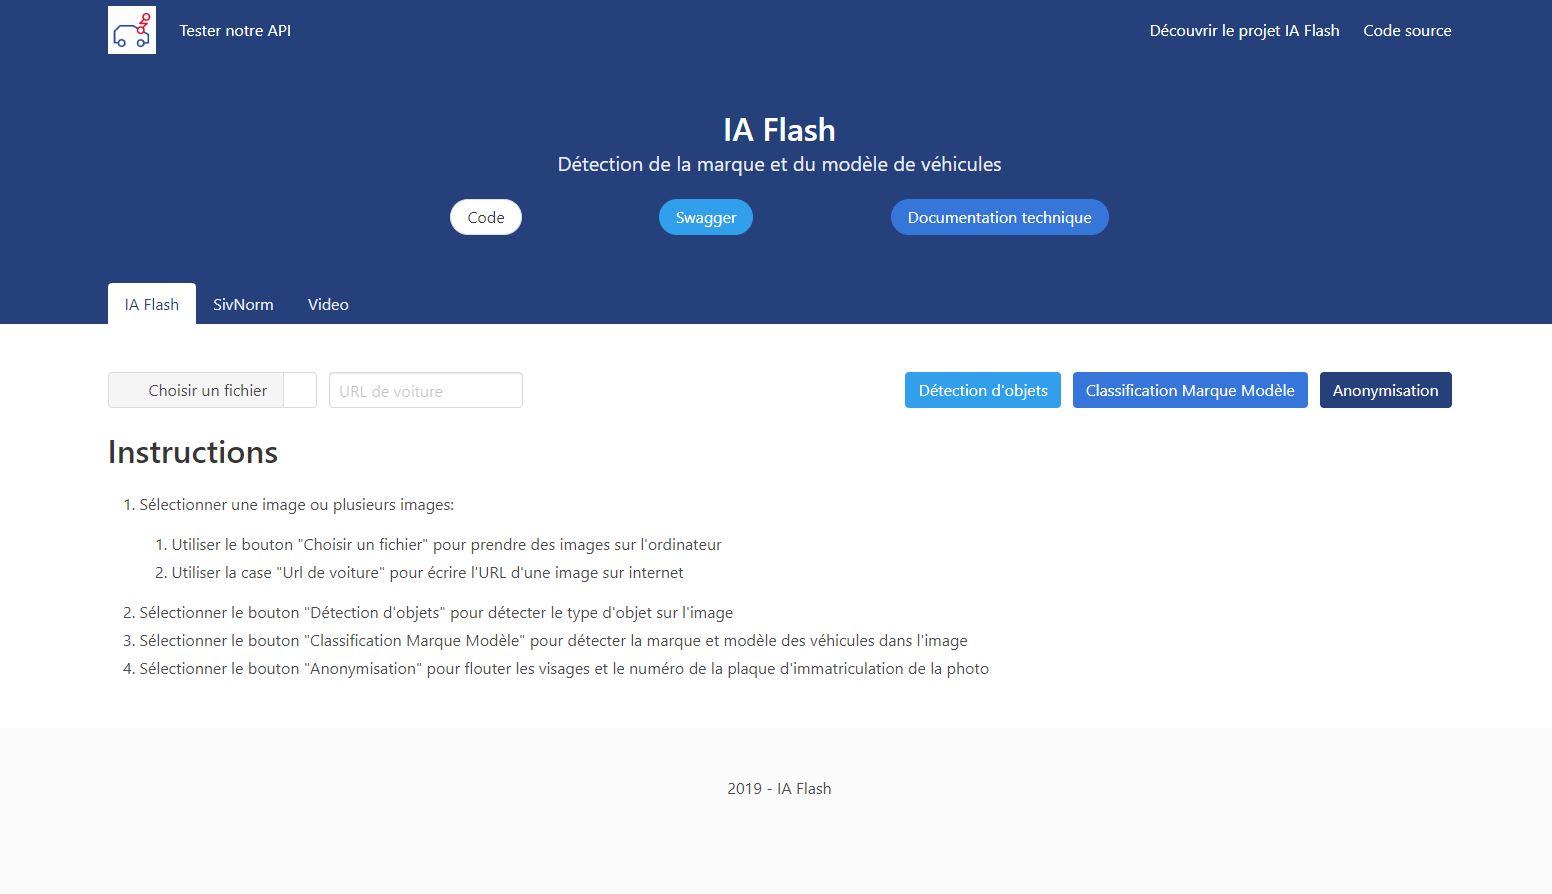 Pv Automatiques Bientot La Fin Du Cauchemar Des Doublettes Eplaque